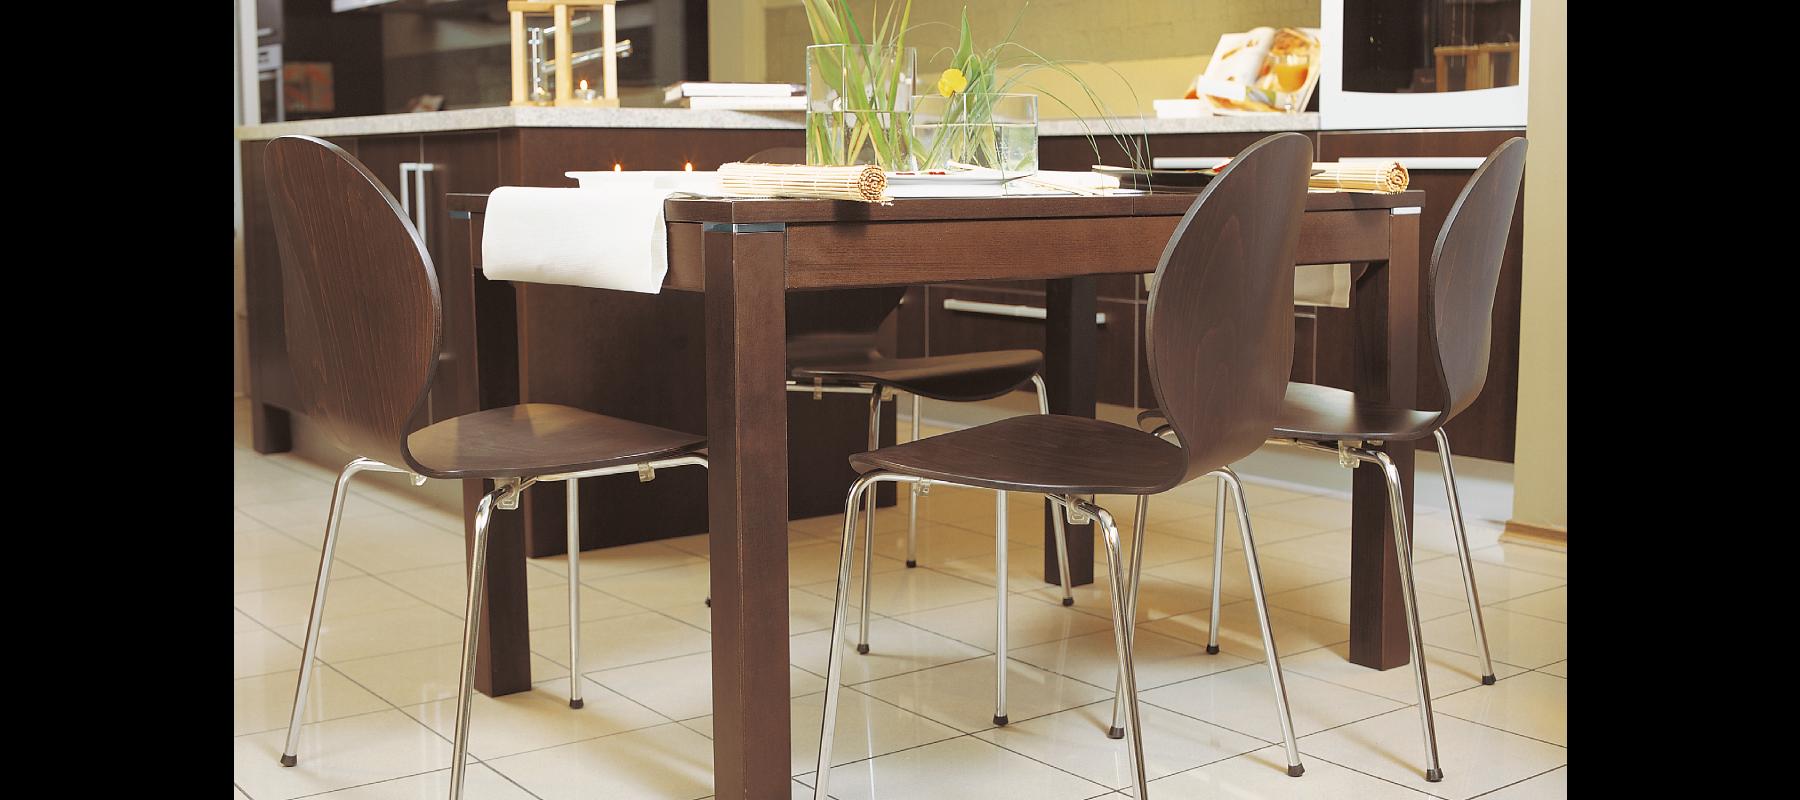 krzesła stacjonarne cafe aranżacje - 11